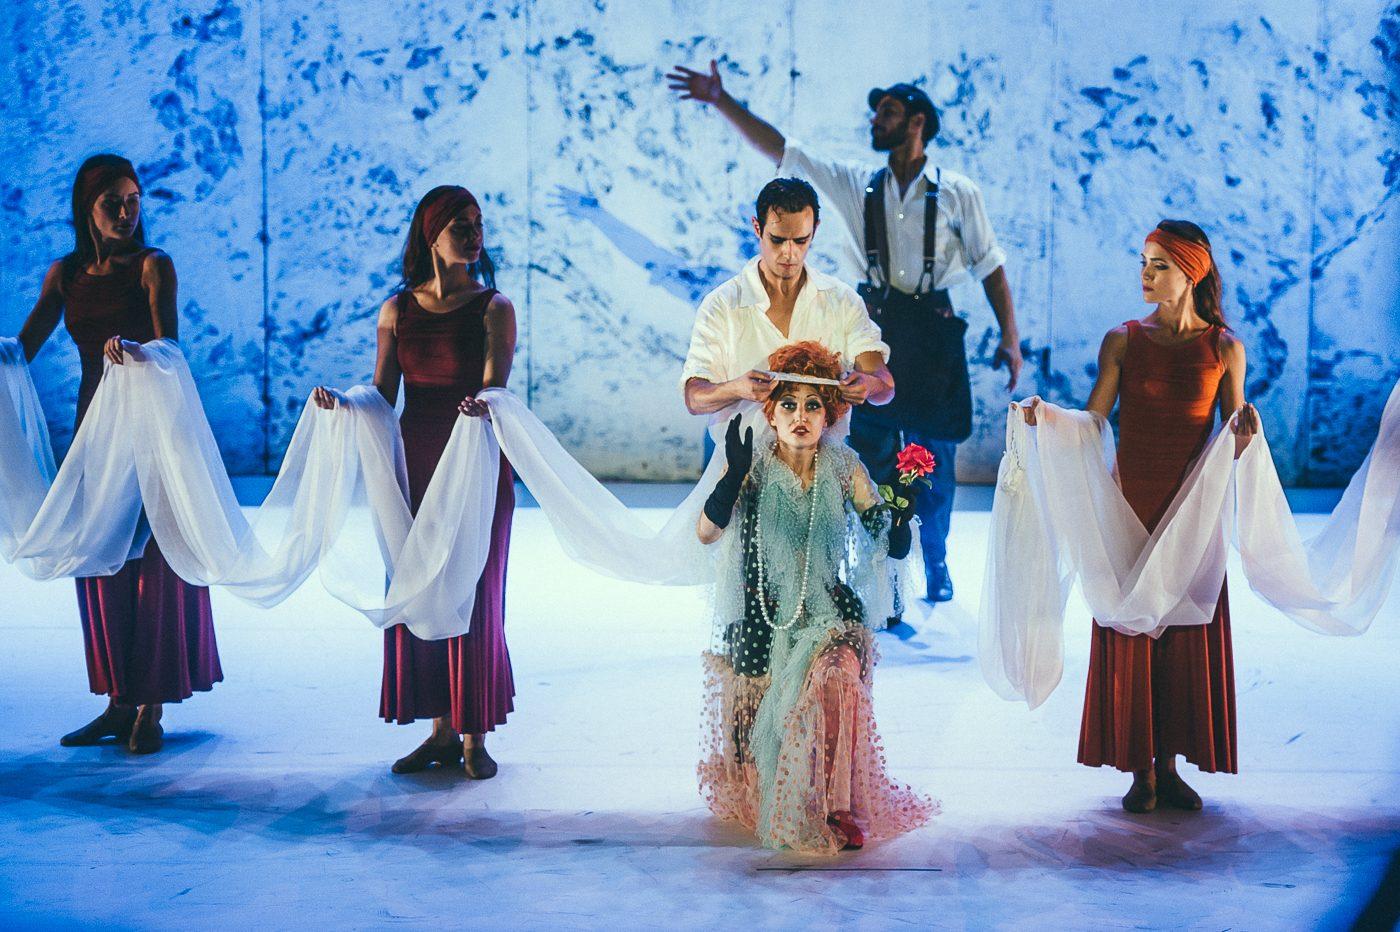 Premjera Zorba Muzikinis Teatras E.sabaliauskaite 027